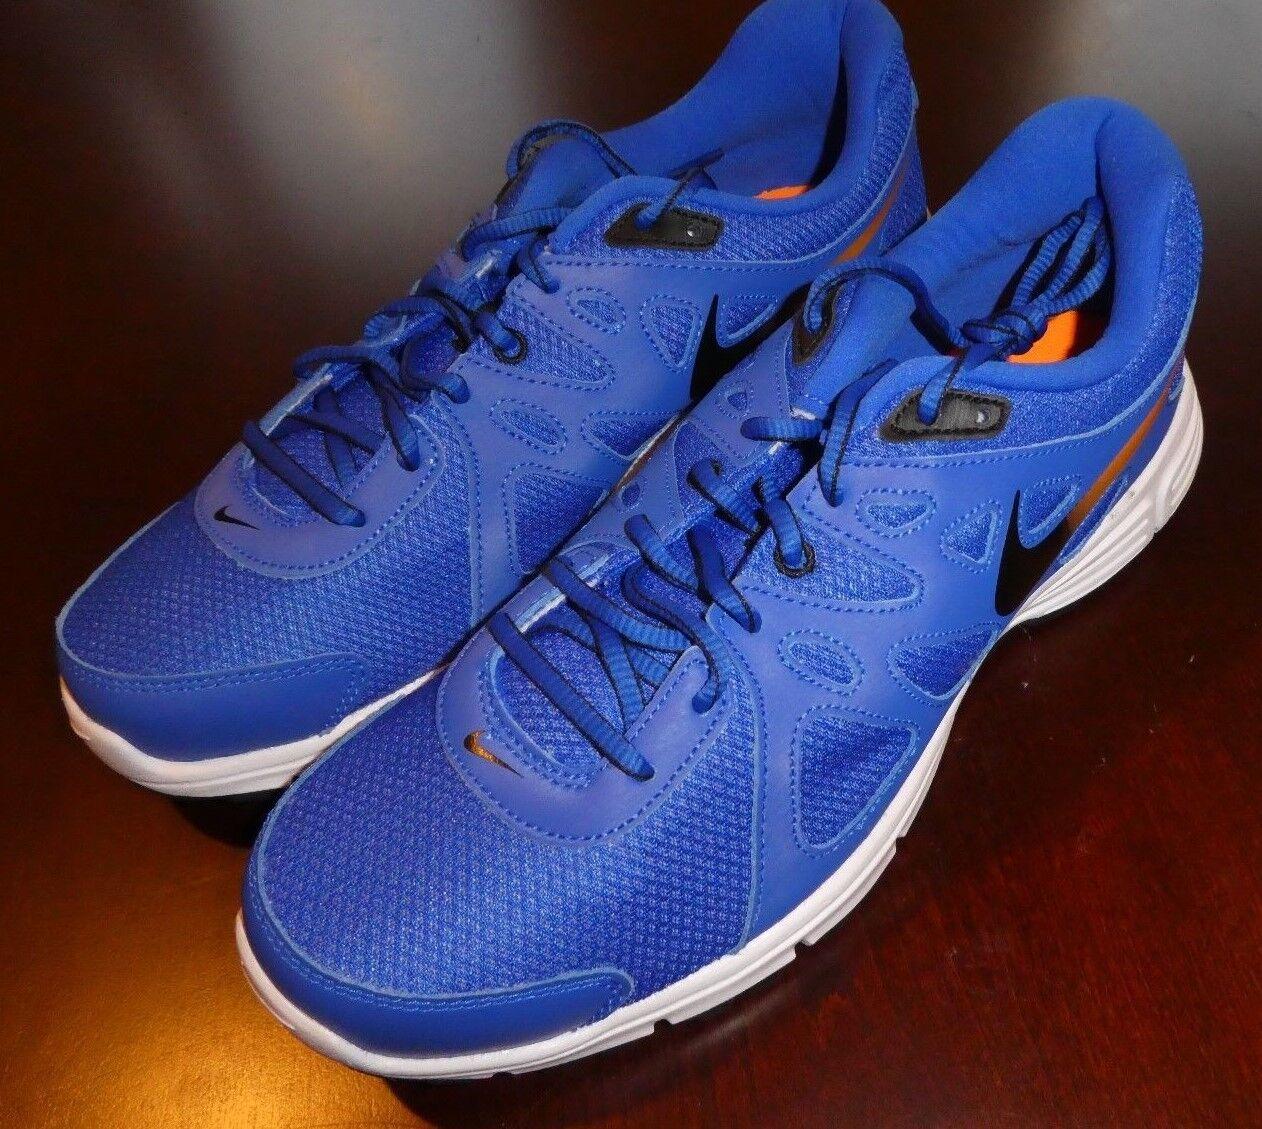 Le scarpe nike rivoluzione 2 uomini scarpe nuove 554953 409